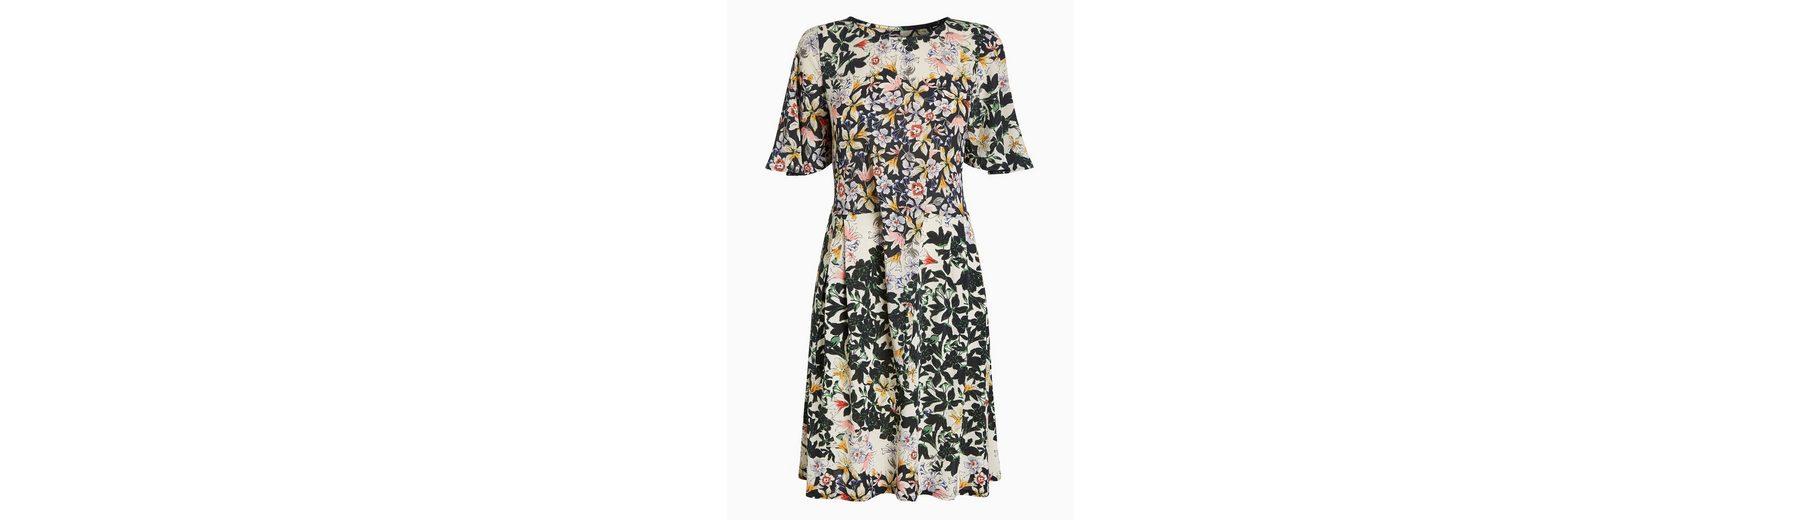 Next Gemustertes Kleid Freiraum 100% Original  Verkaufsschlager Speicher Mit Großem Rabatt rj4CIw8sxo